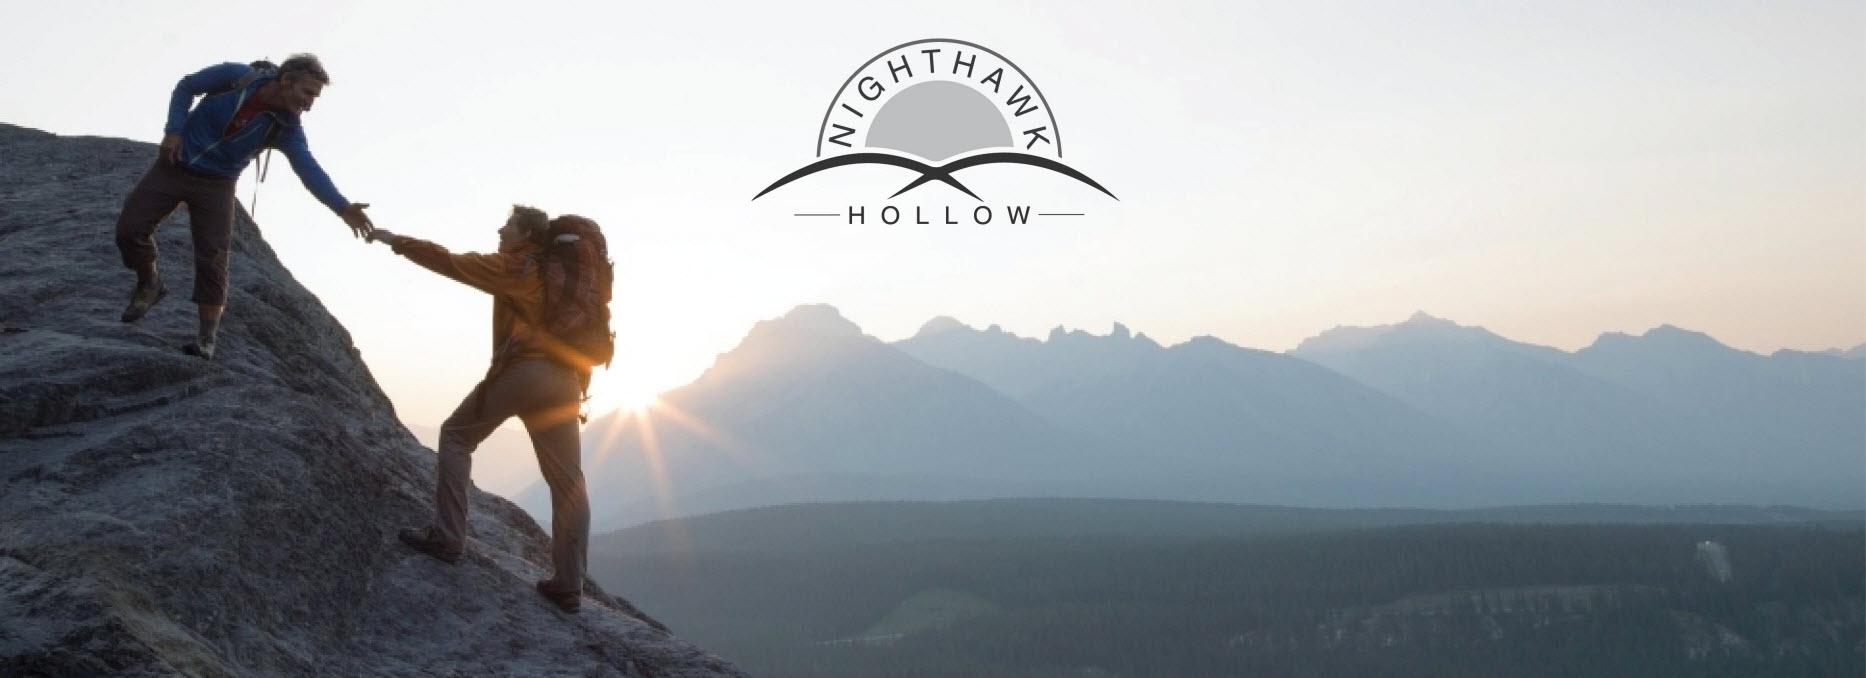 nighthawk hollow